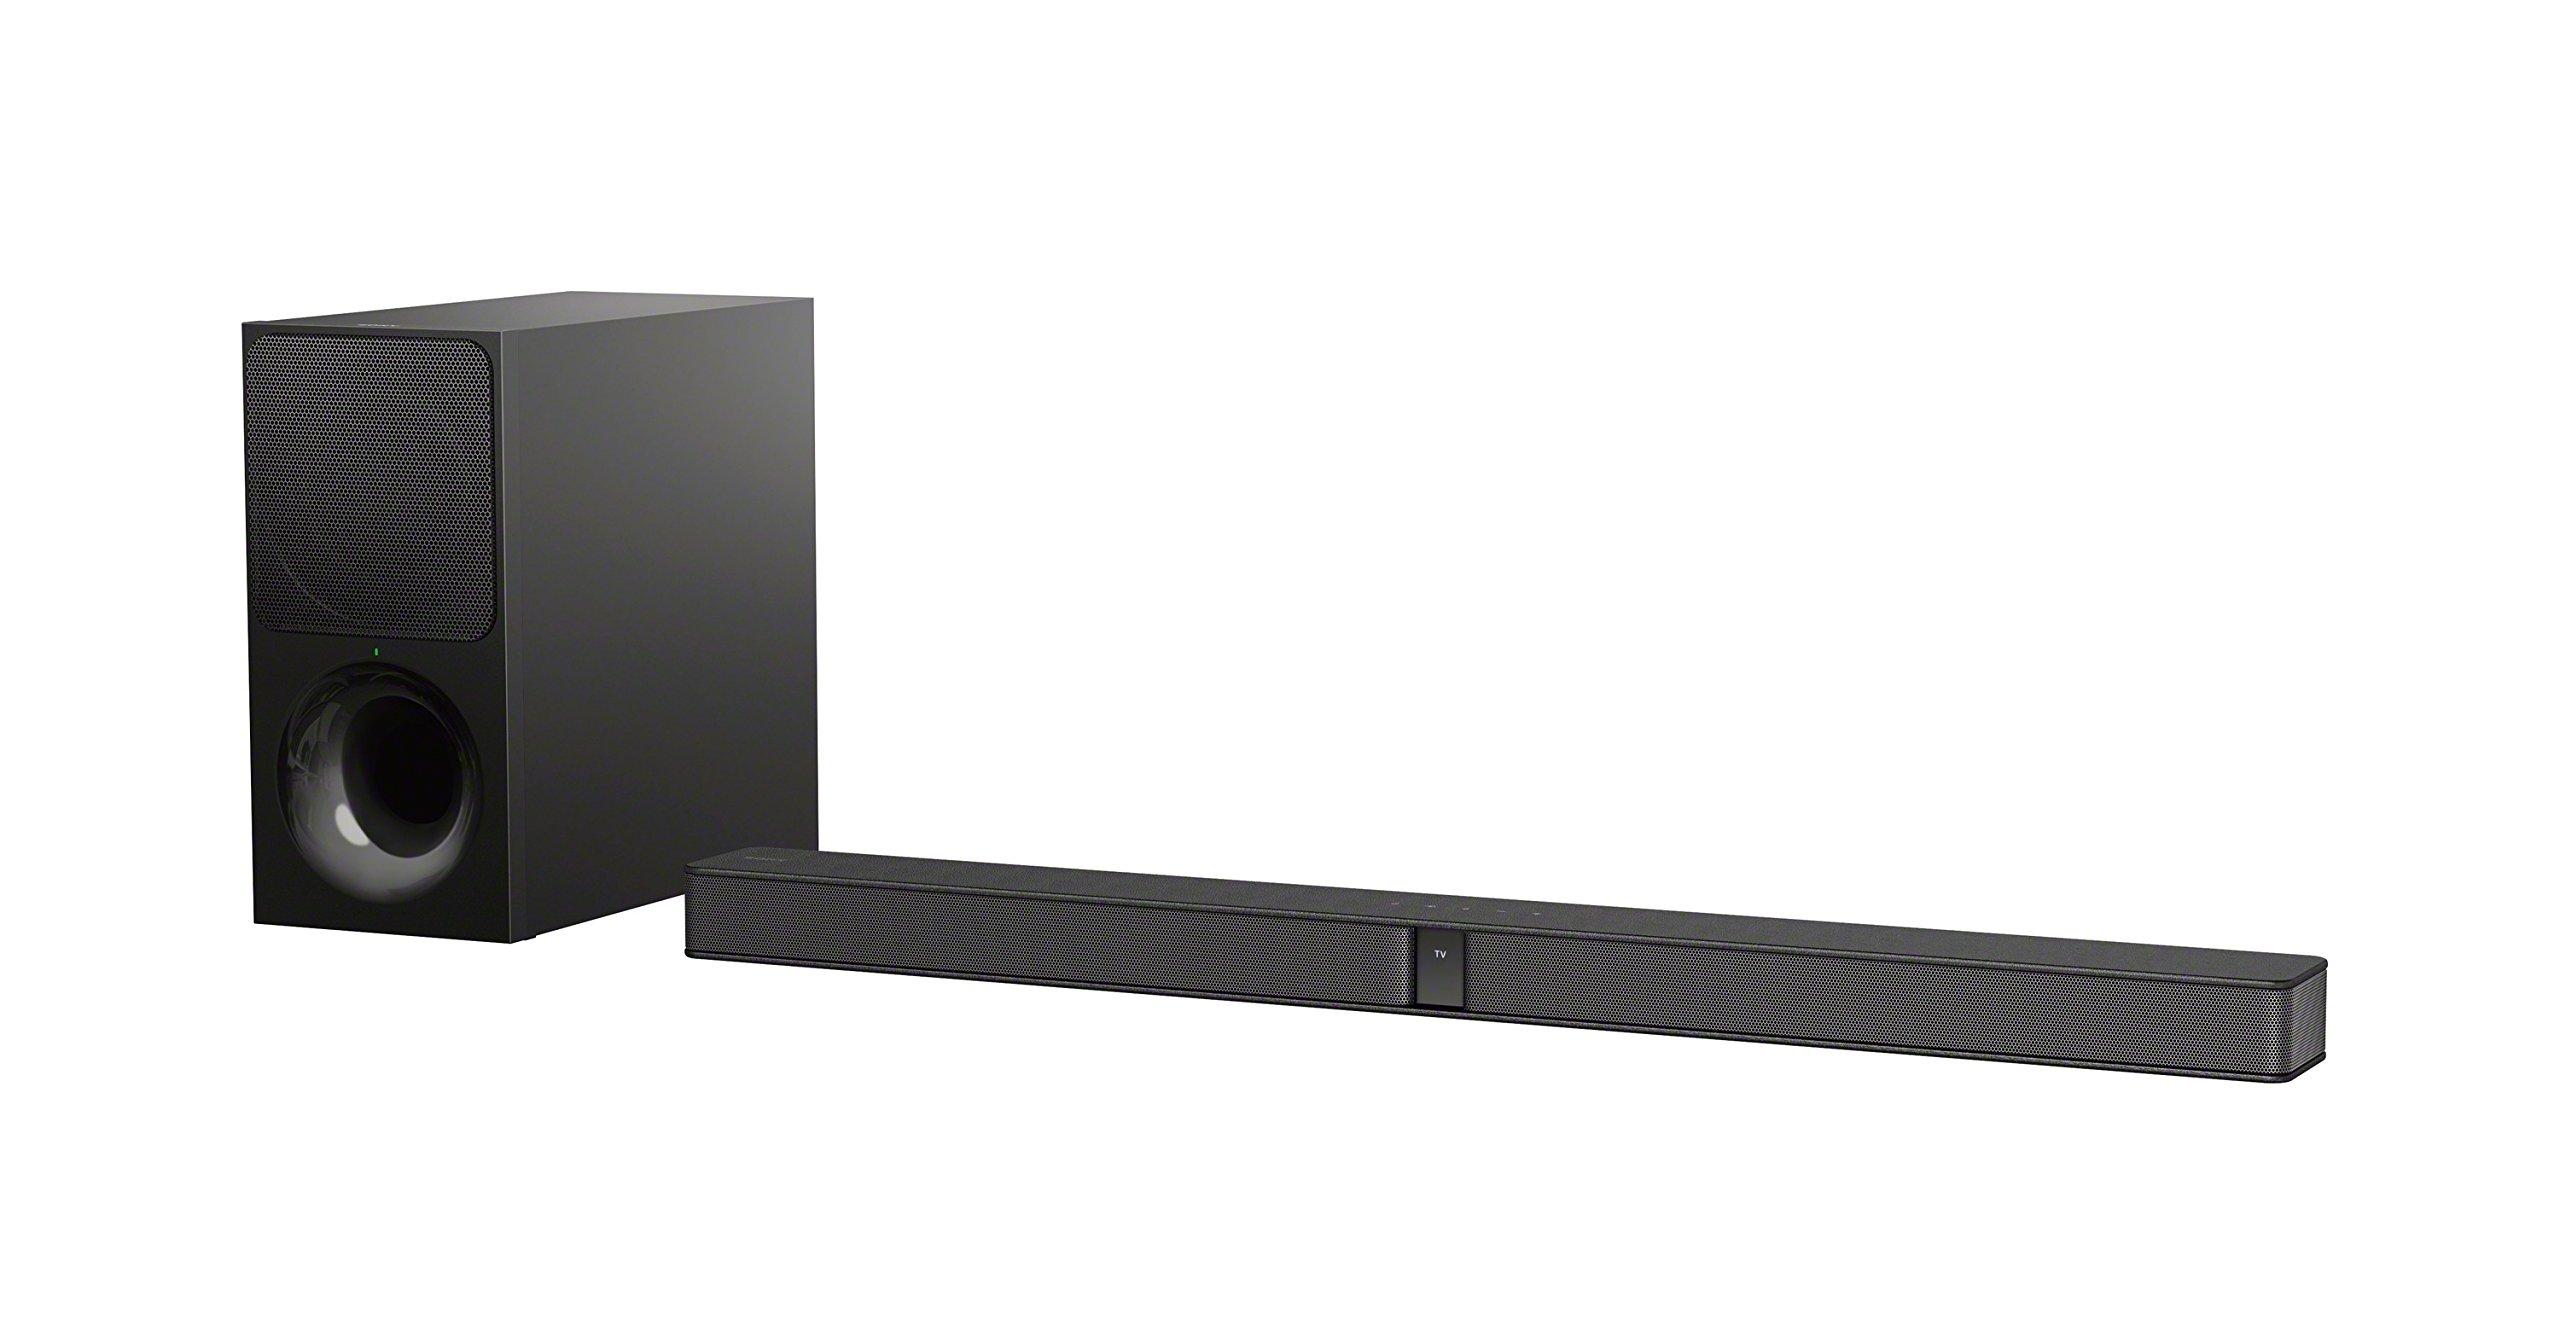 Sony CT290 Ultra-slim 300W Sound Bar with Bluetooth (2017 model) by Sony